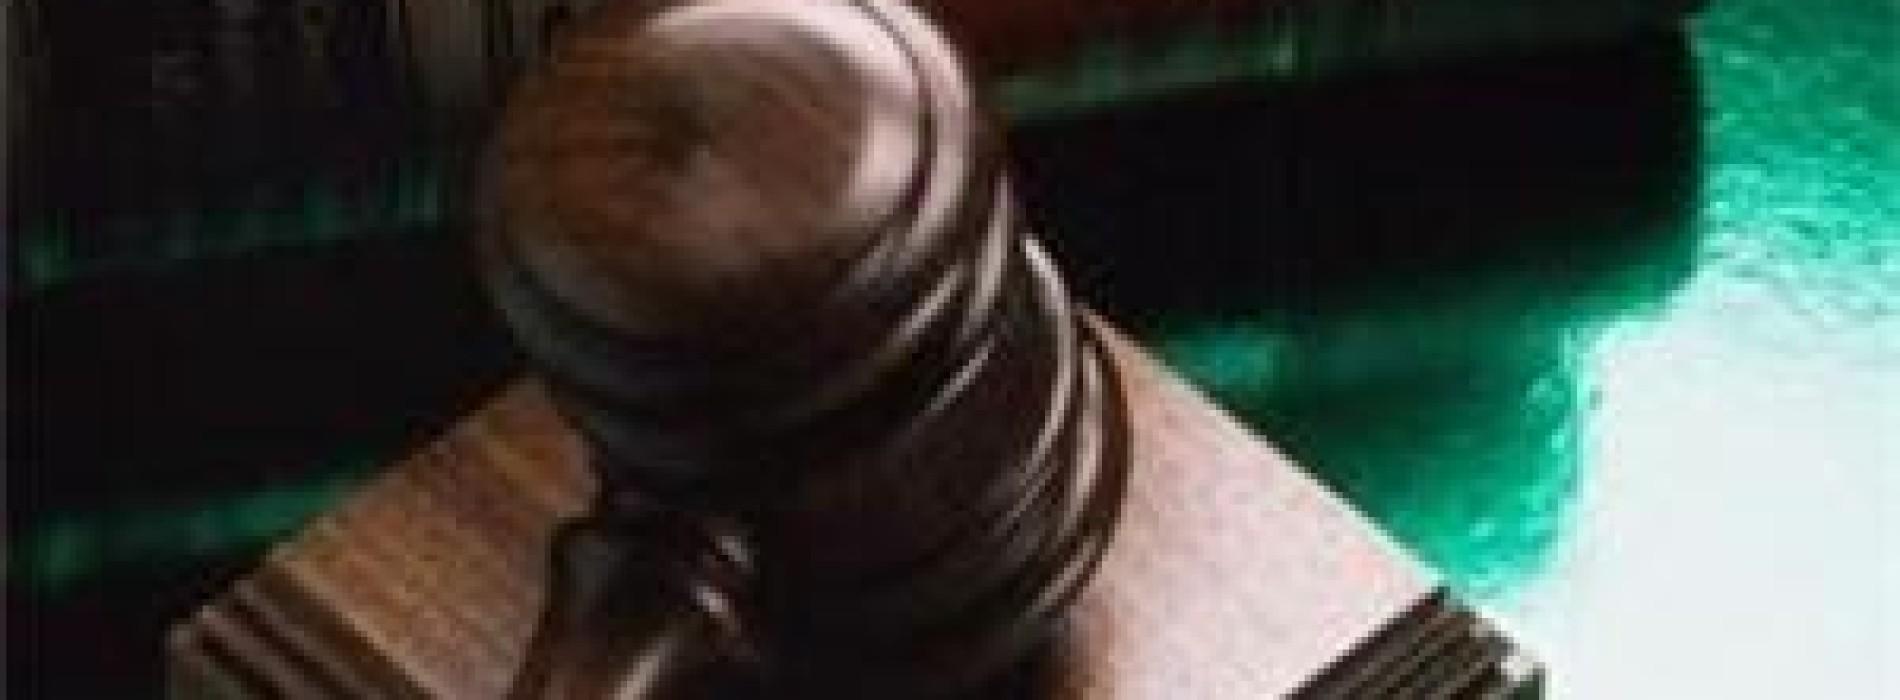 Prawa wynikające ze świadczenia stosunku pracy a śmierć pracownika